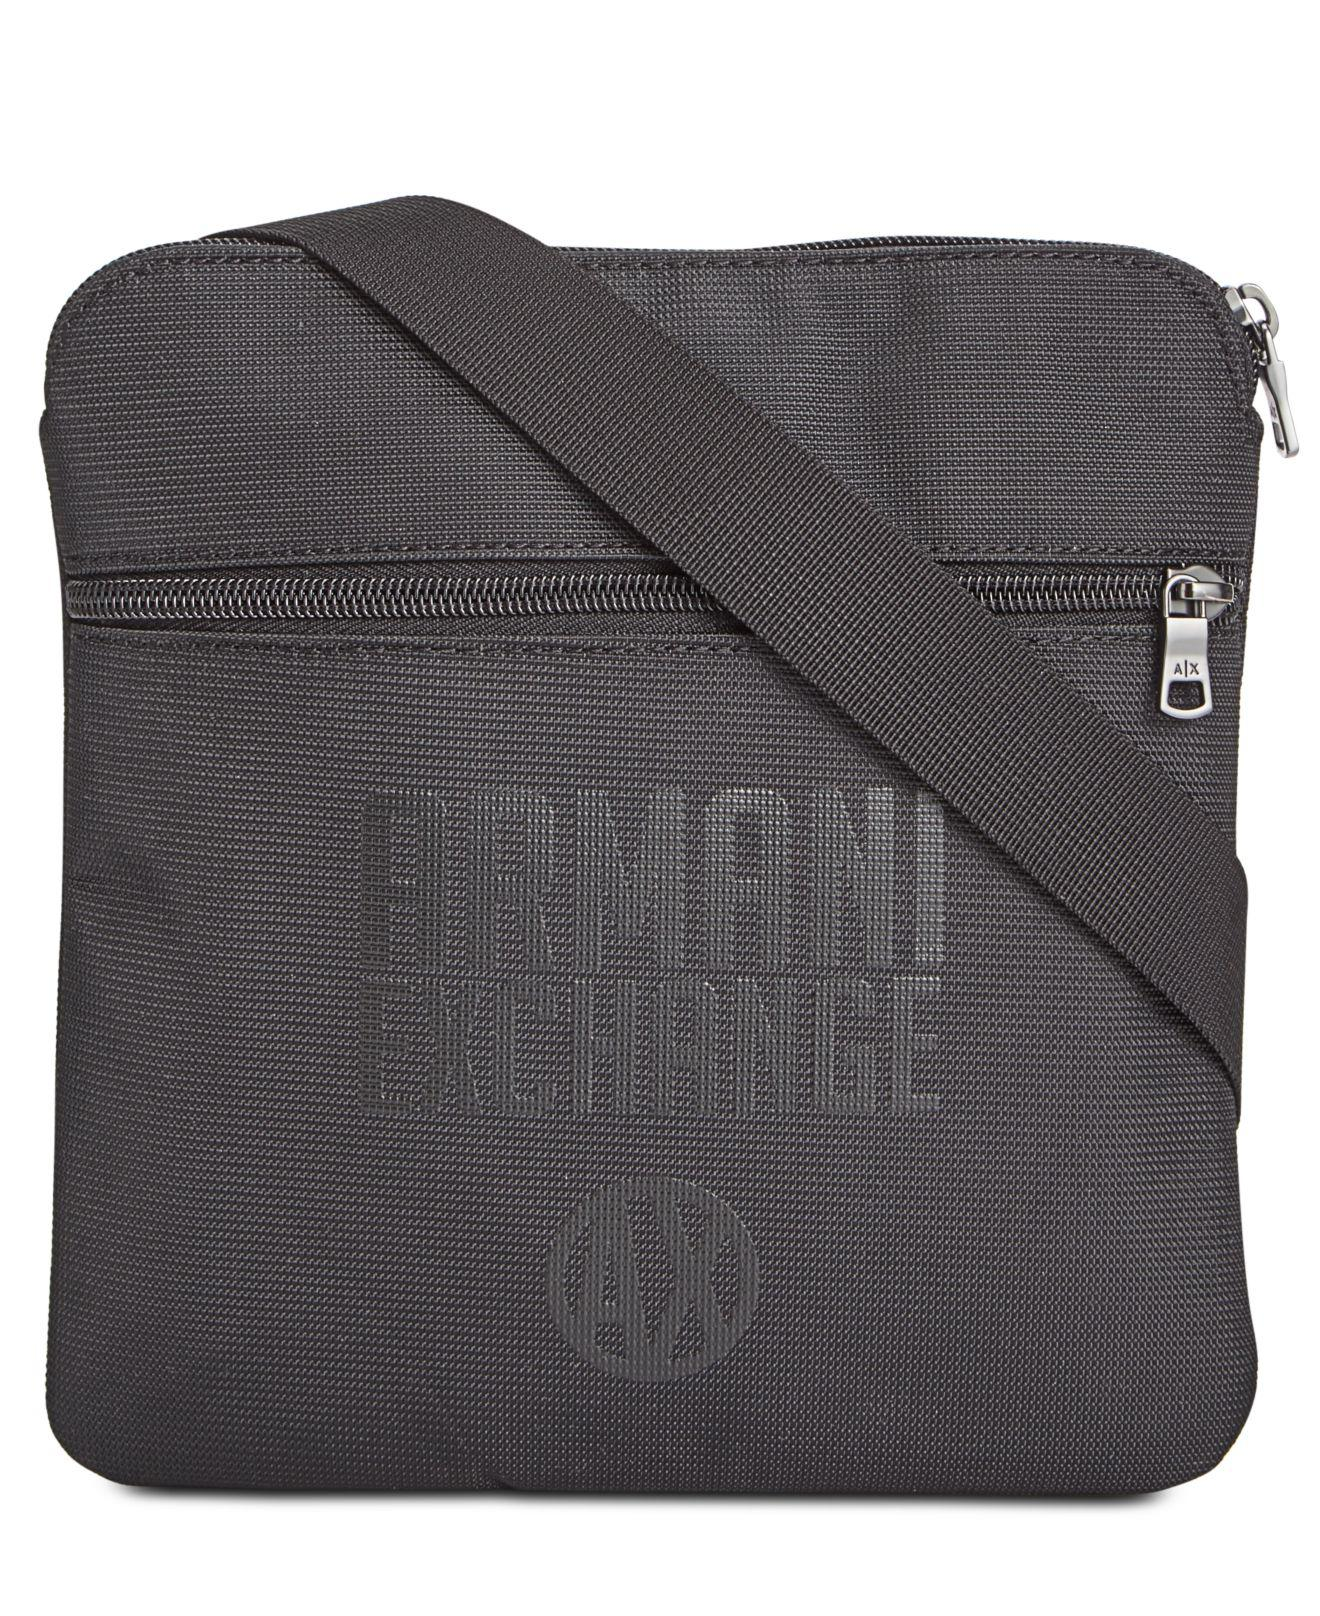 f4f326956d62 Lyst - Armani Exchange Logo Sling Bag in Black for Men